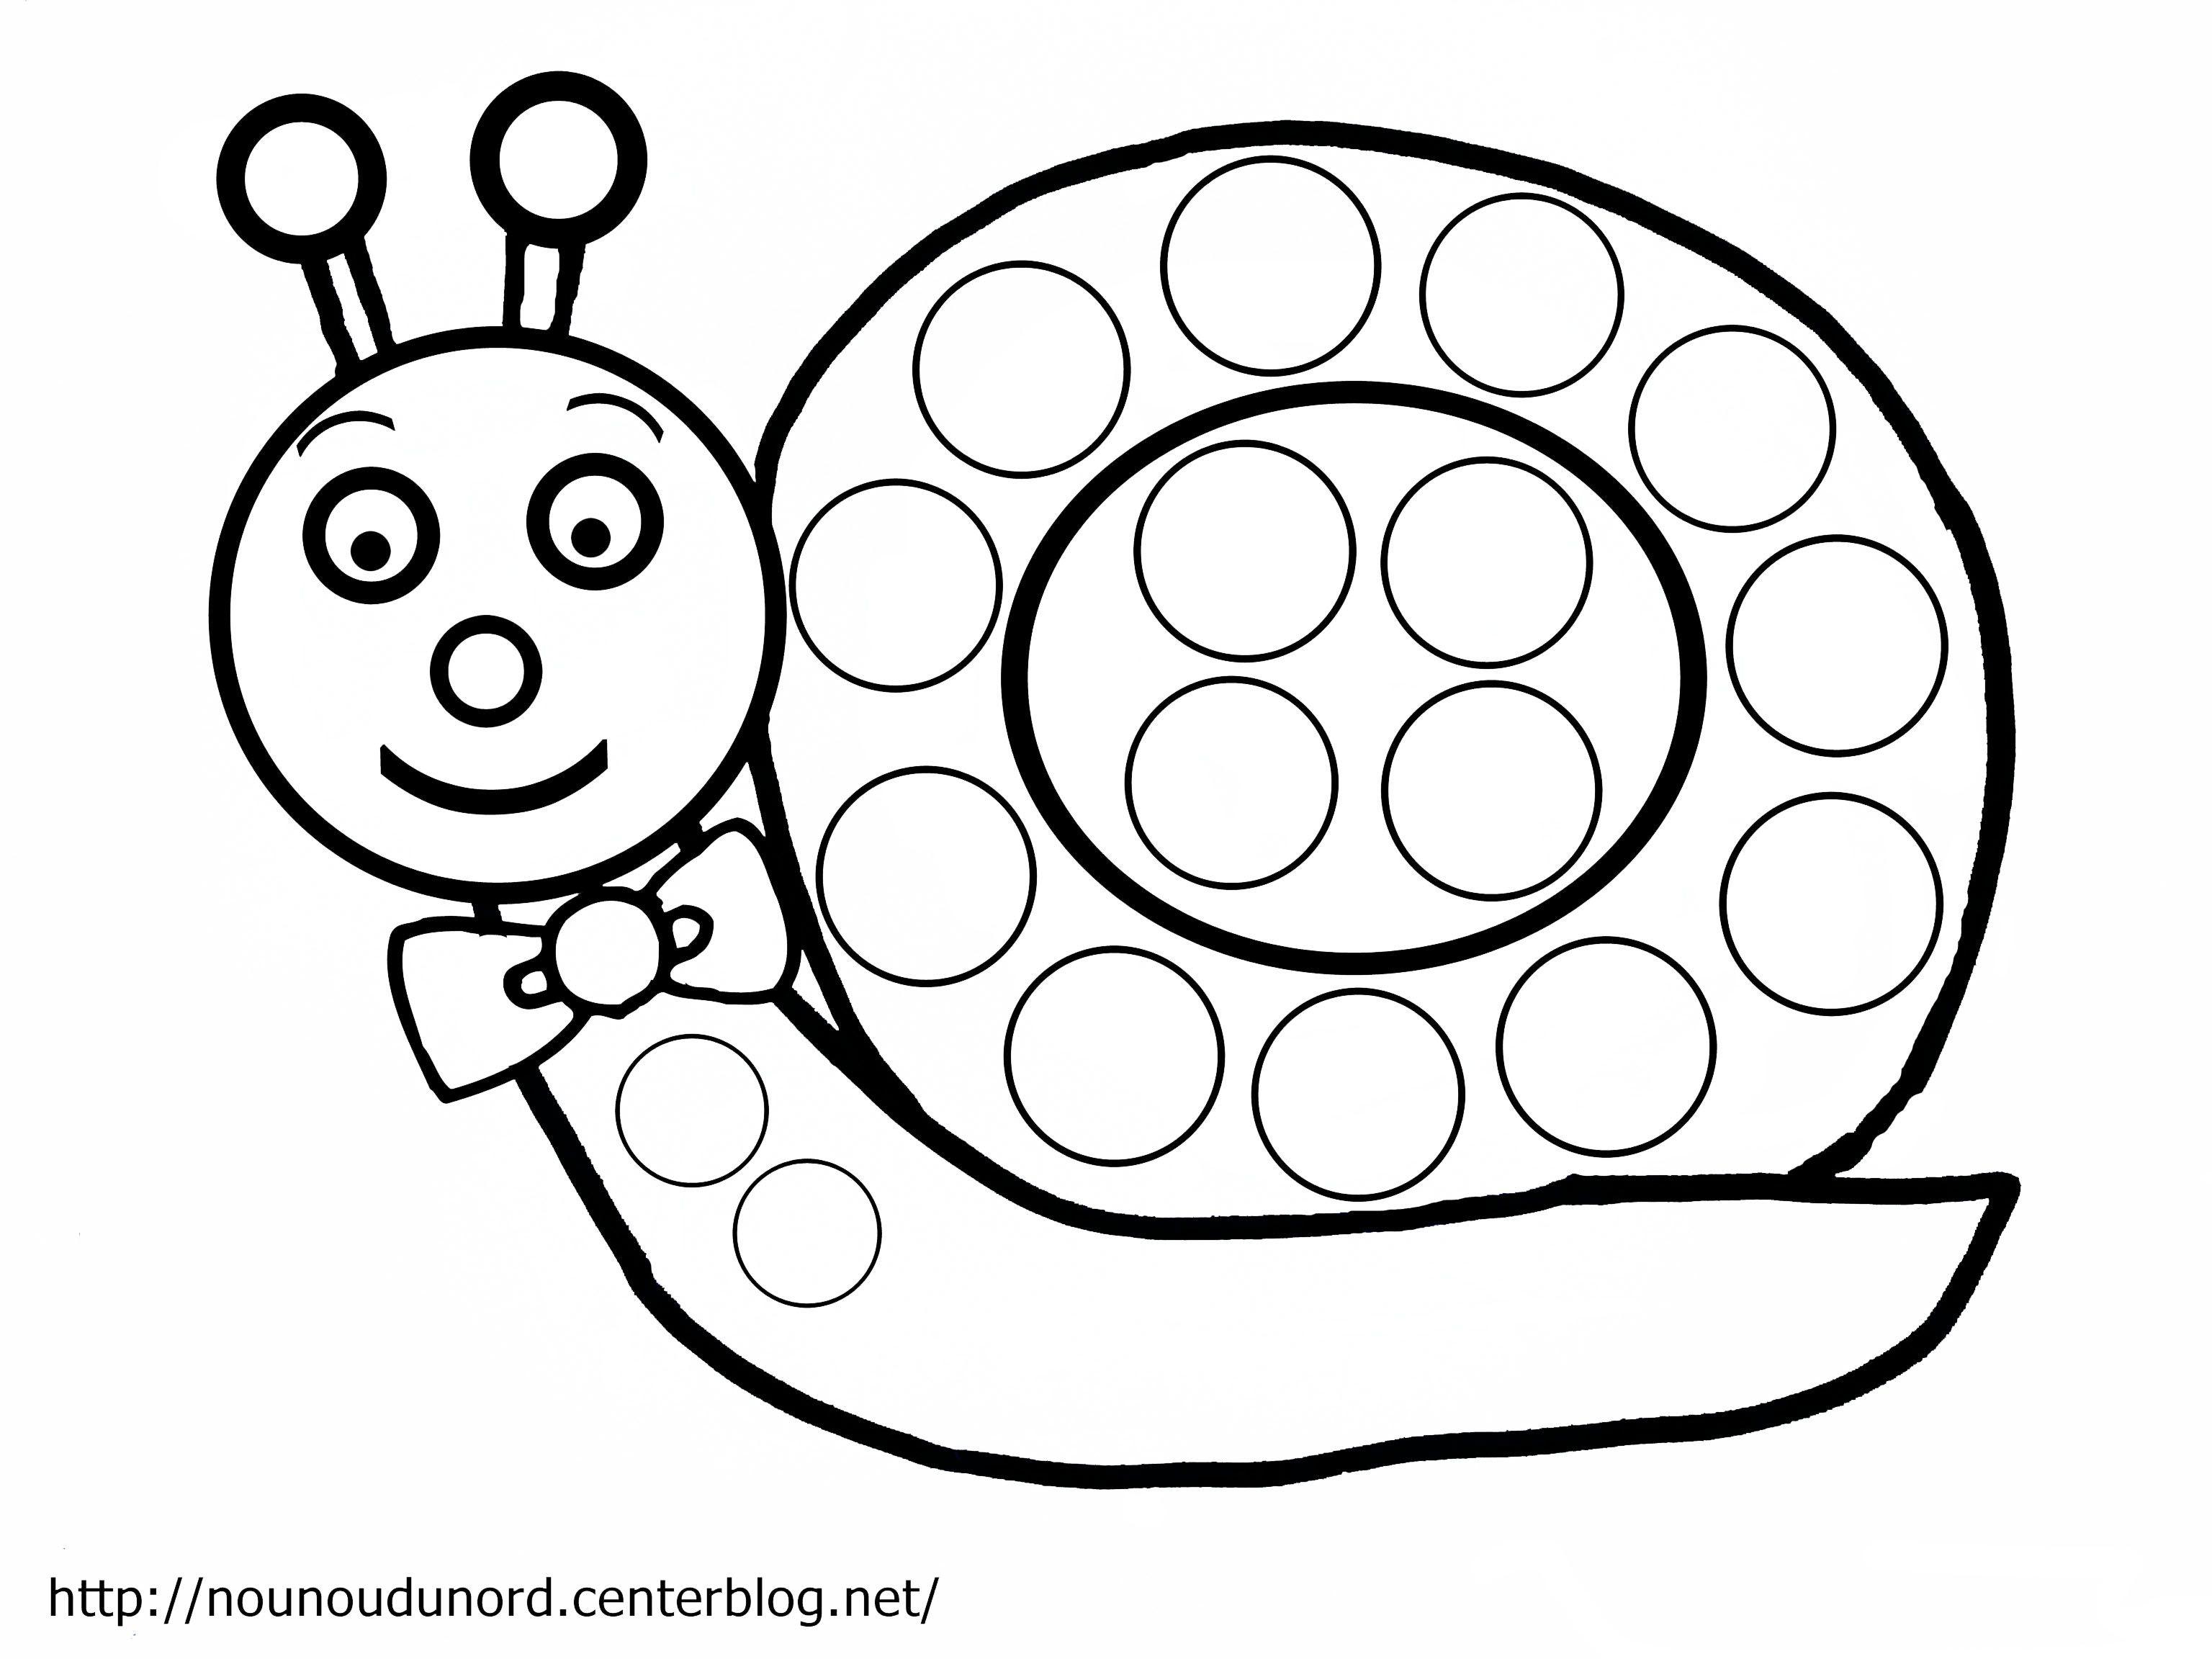 Coloriage escargot  gommettes dessiné par nounoudunord Imprimer le coloriage grand format en fichier PDF cliquez ici enregistrez l image sur votre pc